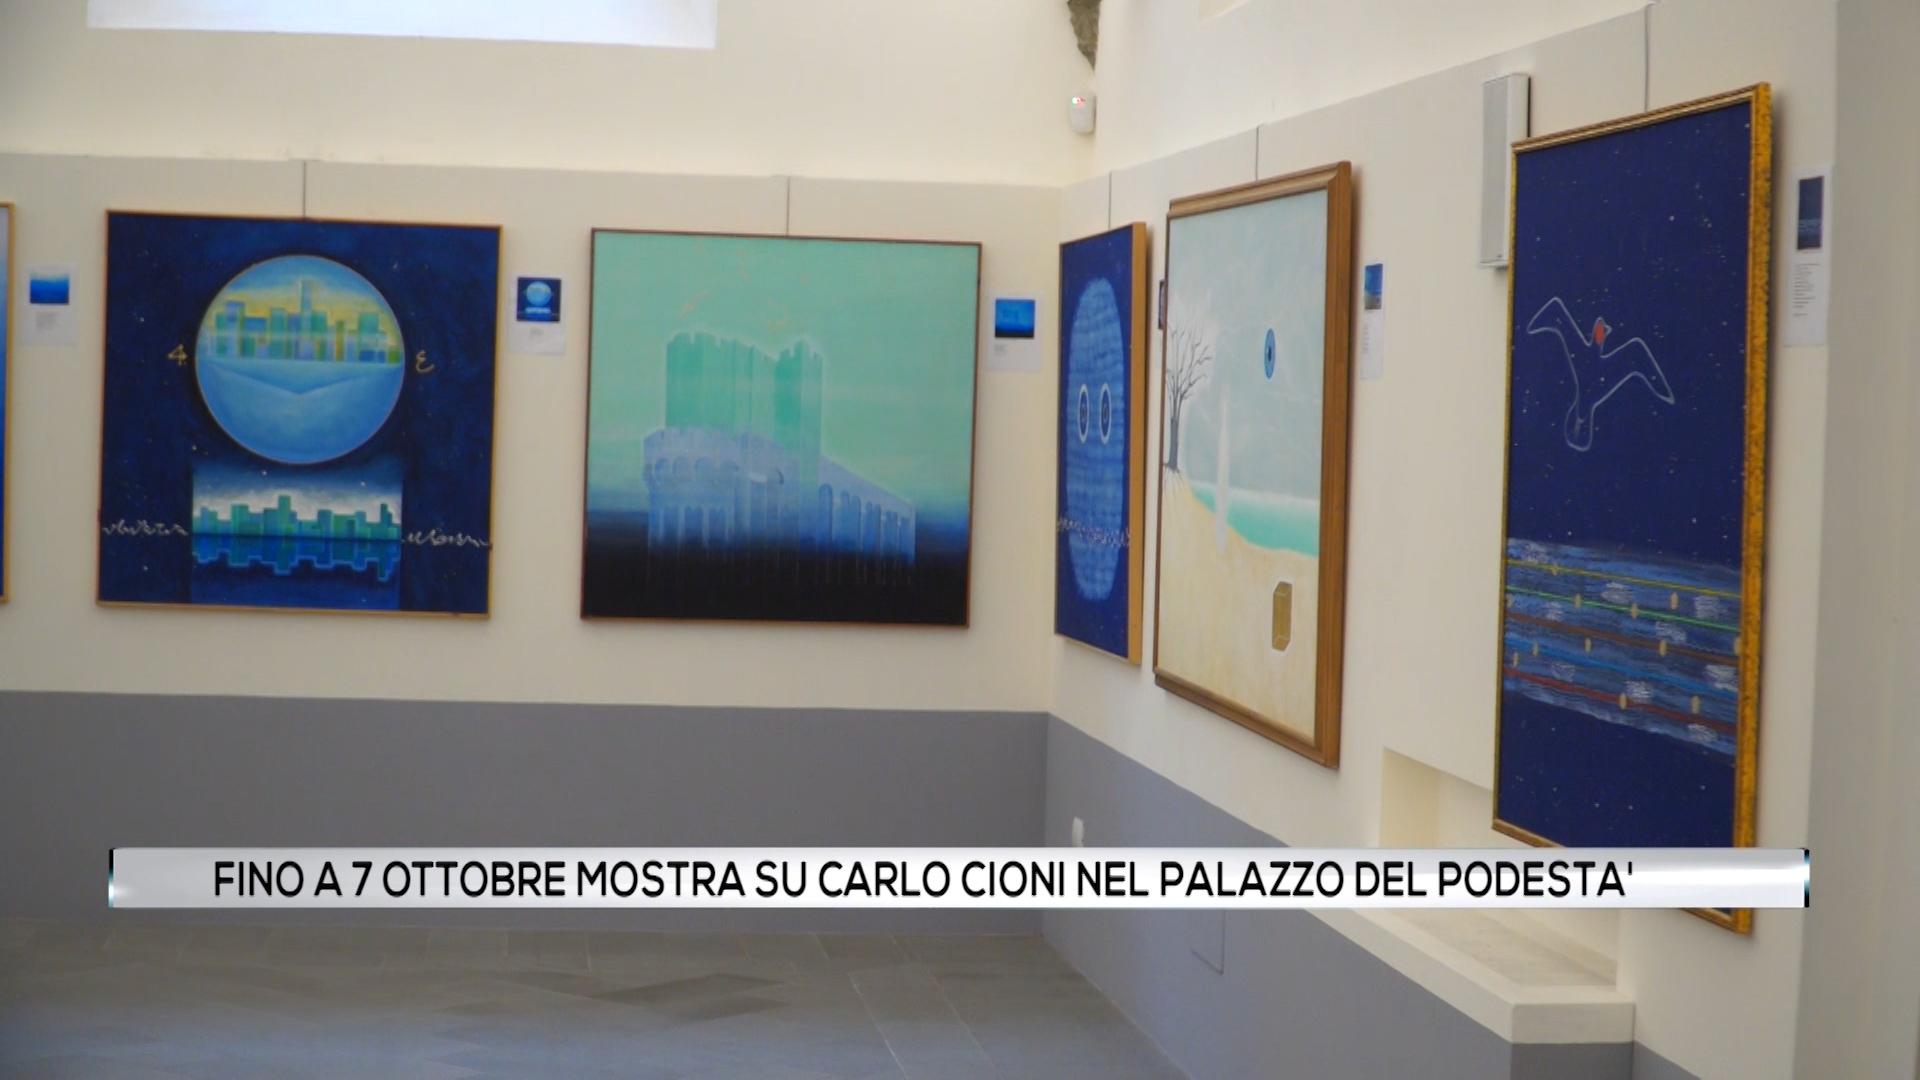 Fino al 7 ottobre mostra su Carlo Cioni nel Palazzo del Podestà